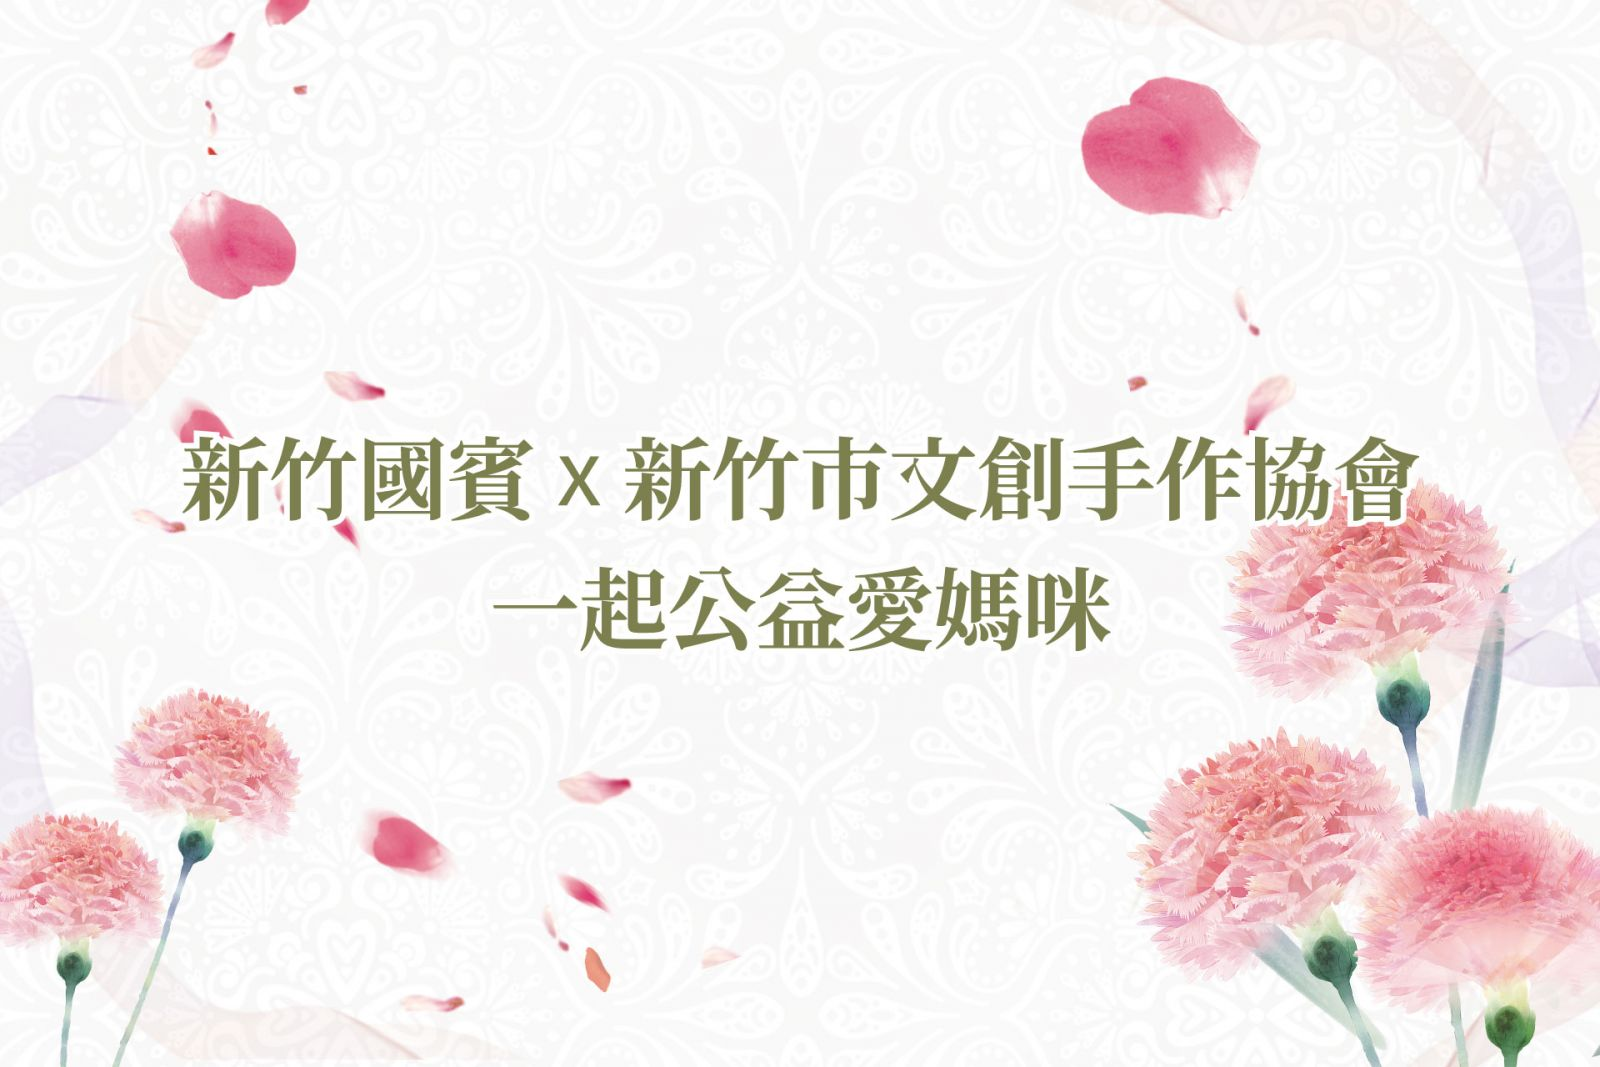 【新竹國賓 x 新竹市文創手作協會 一起公益愛媽咪】住房專案